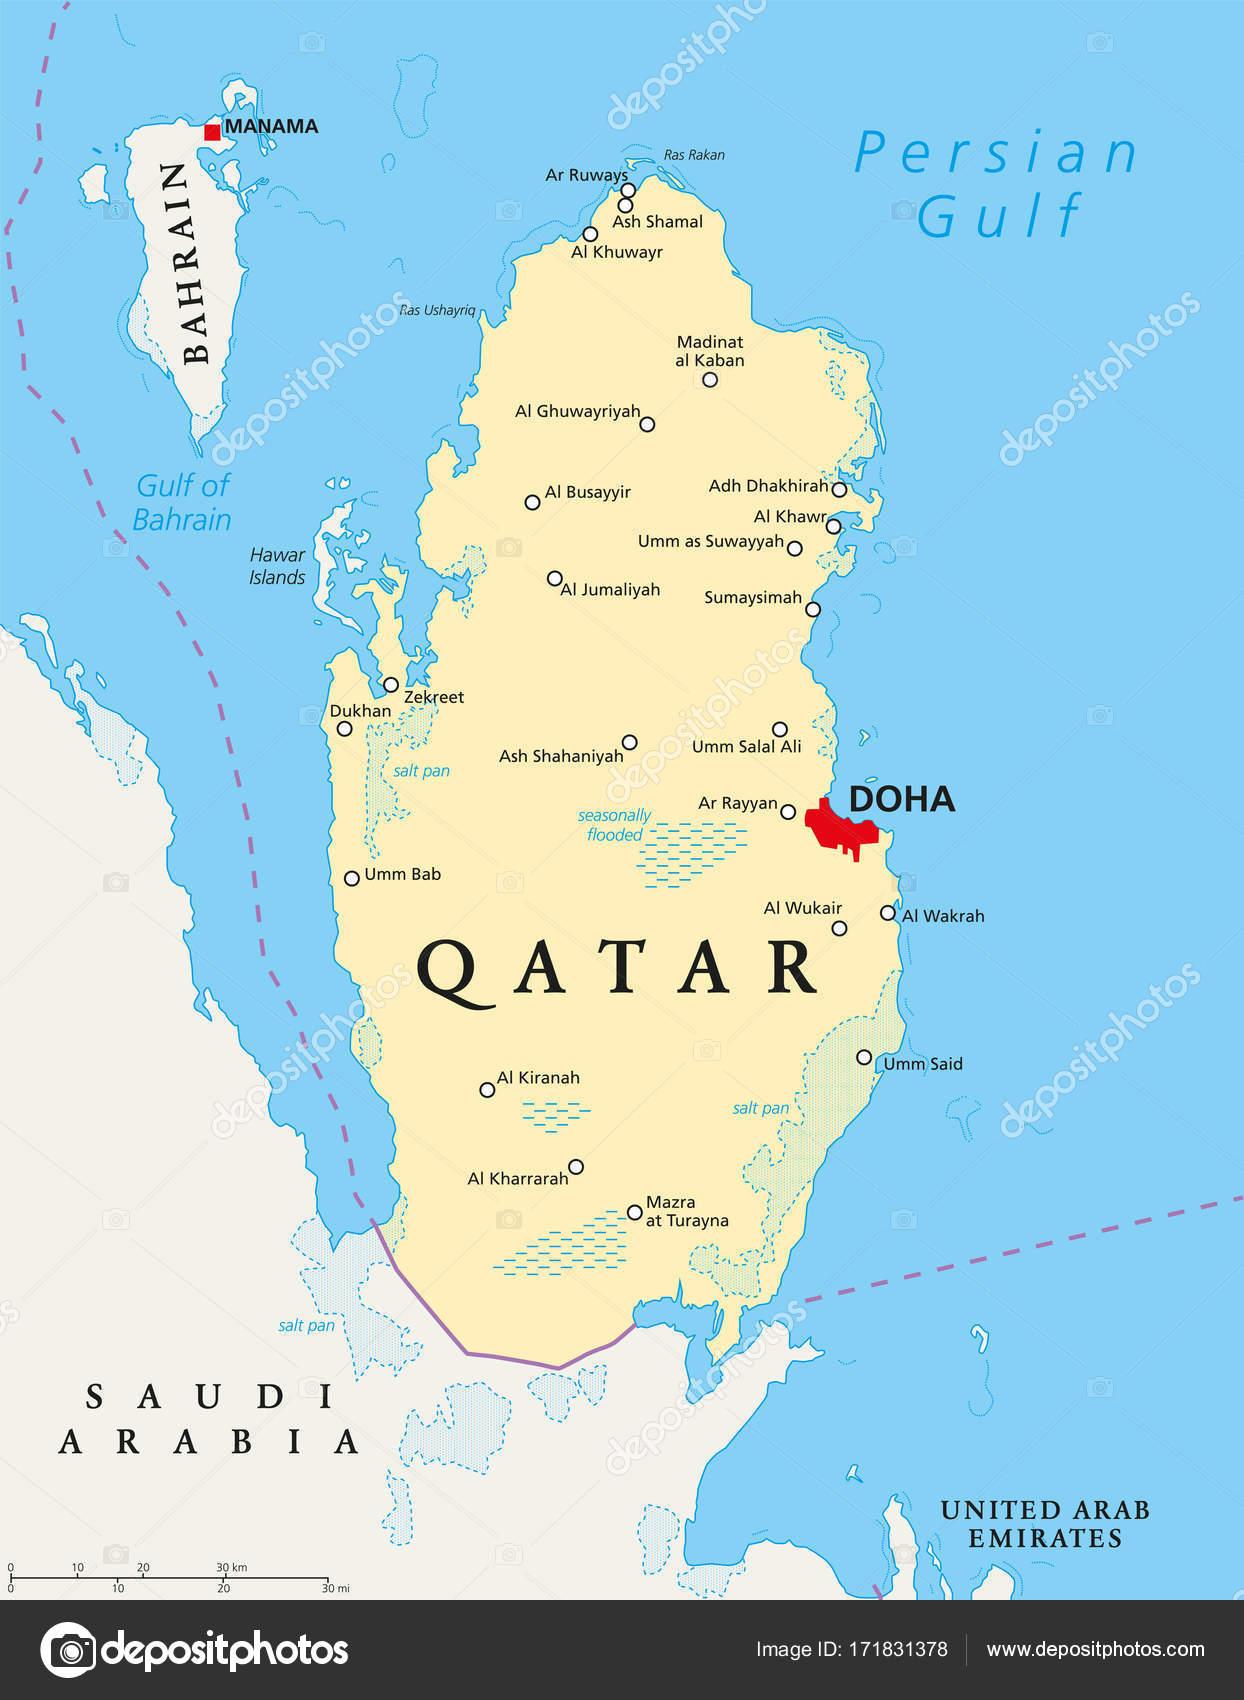 Doha Karte Welt.Politische Karte Von Katar Stockvektor C Furian 171831378